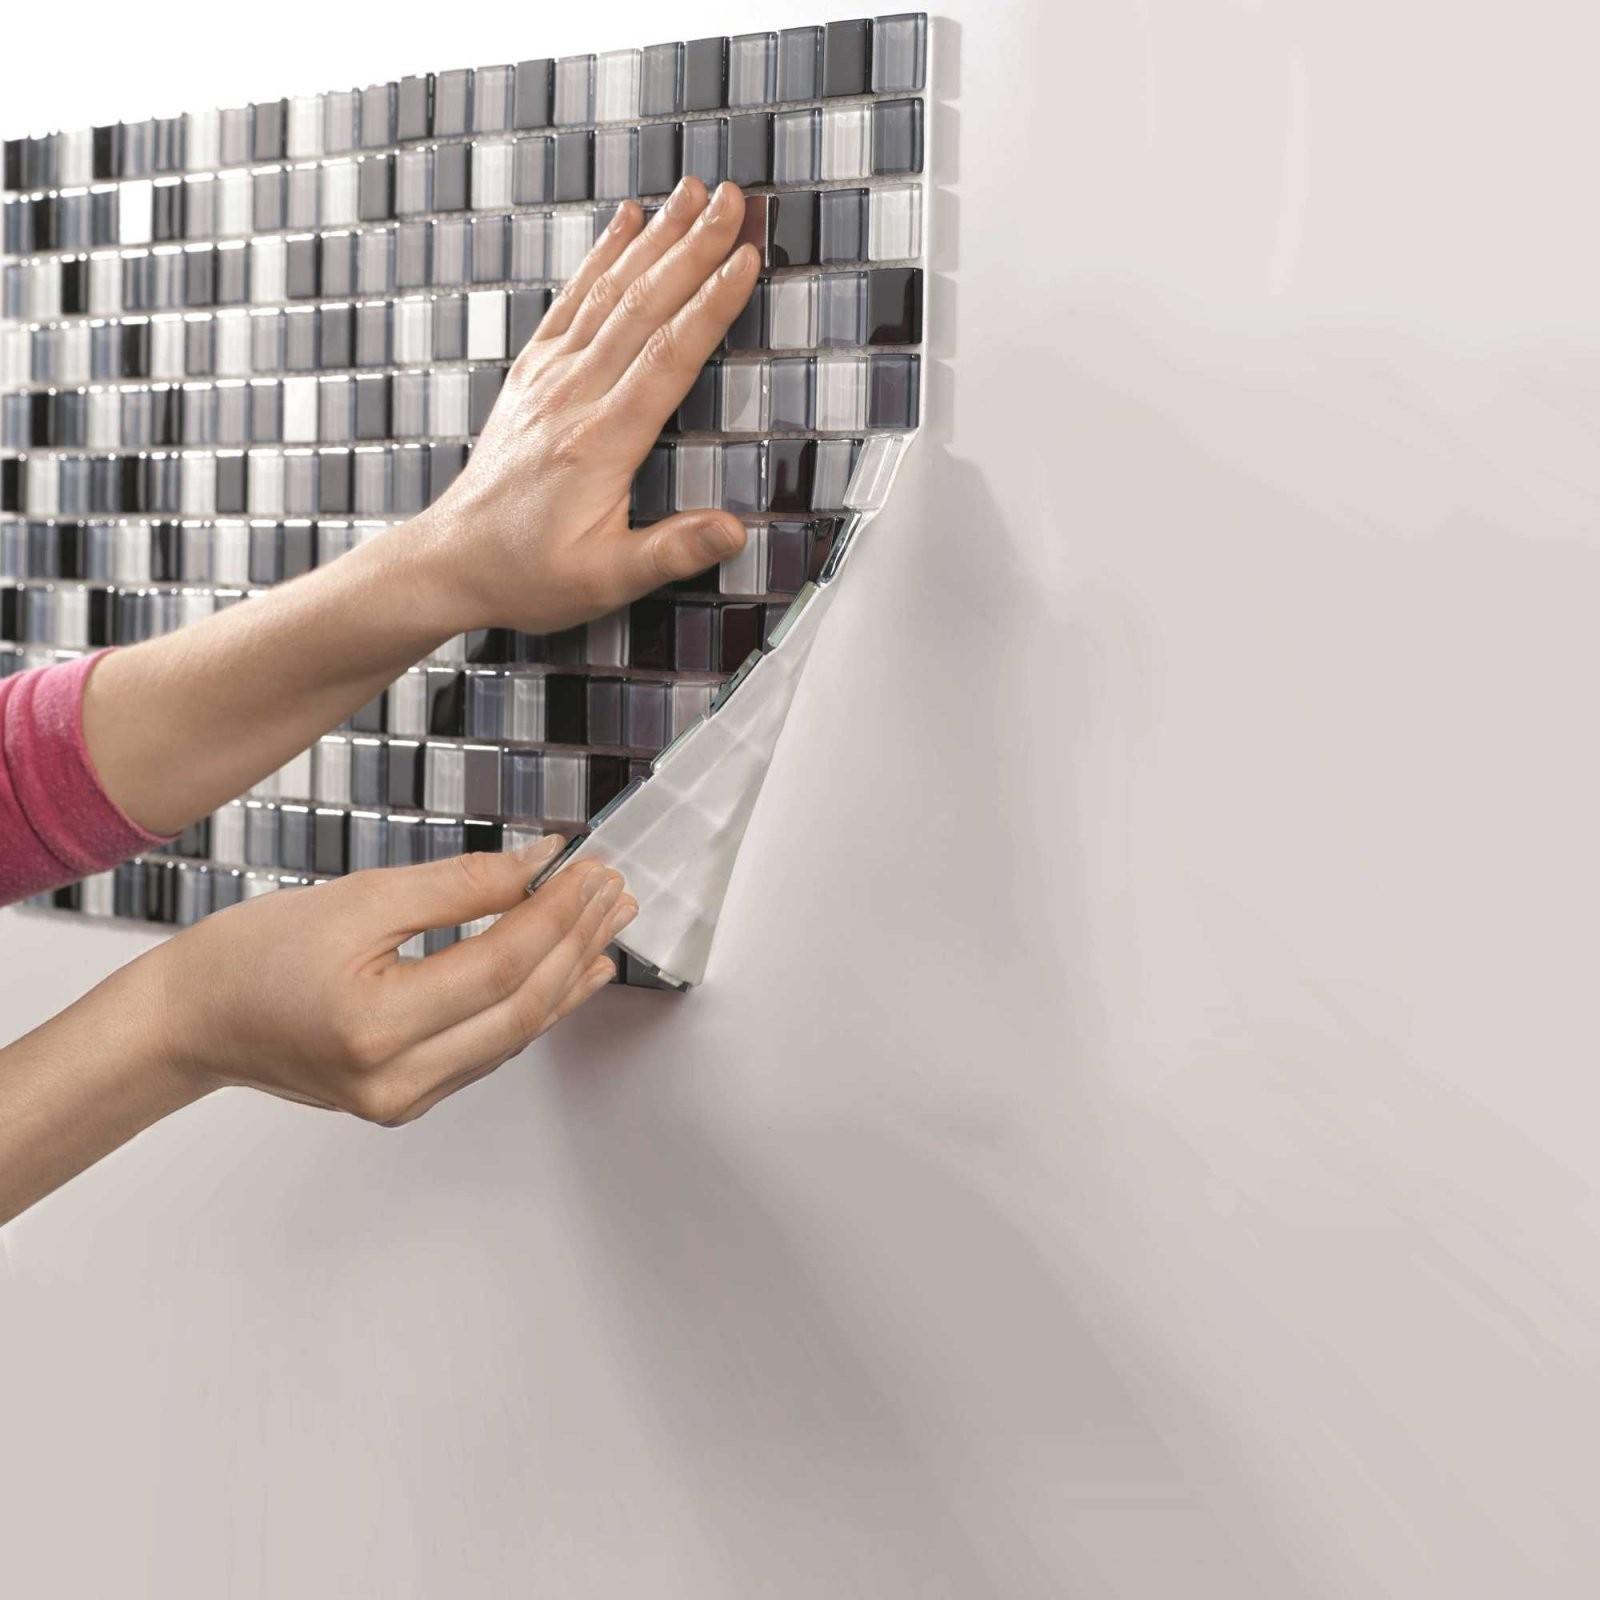 Fliesenschienen – Verwendungstipps  Wissenswertes  Obi von Fliesen Abschlussleiste Nachträglich Anbringen Bild